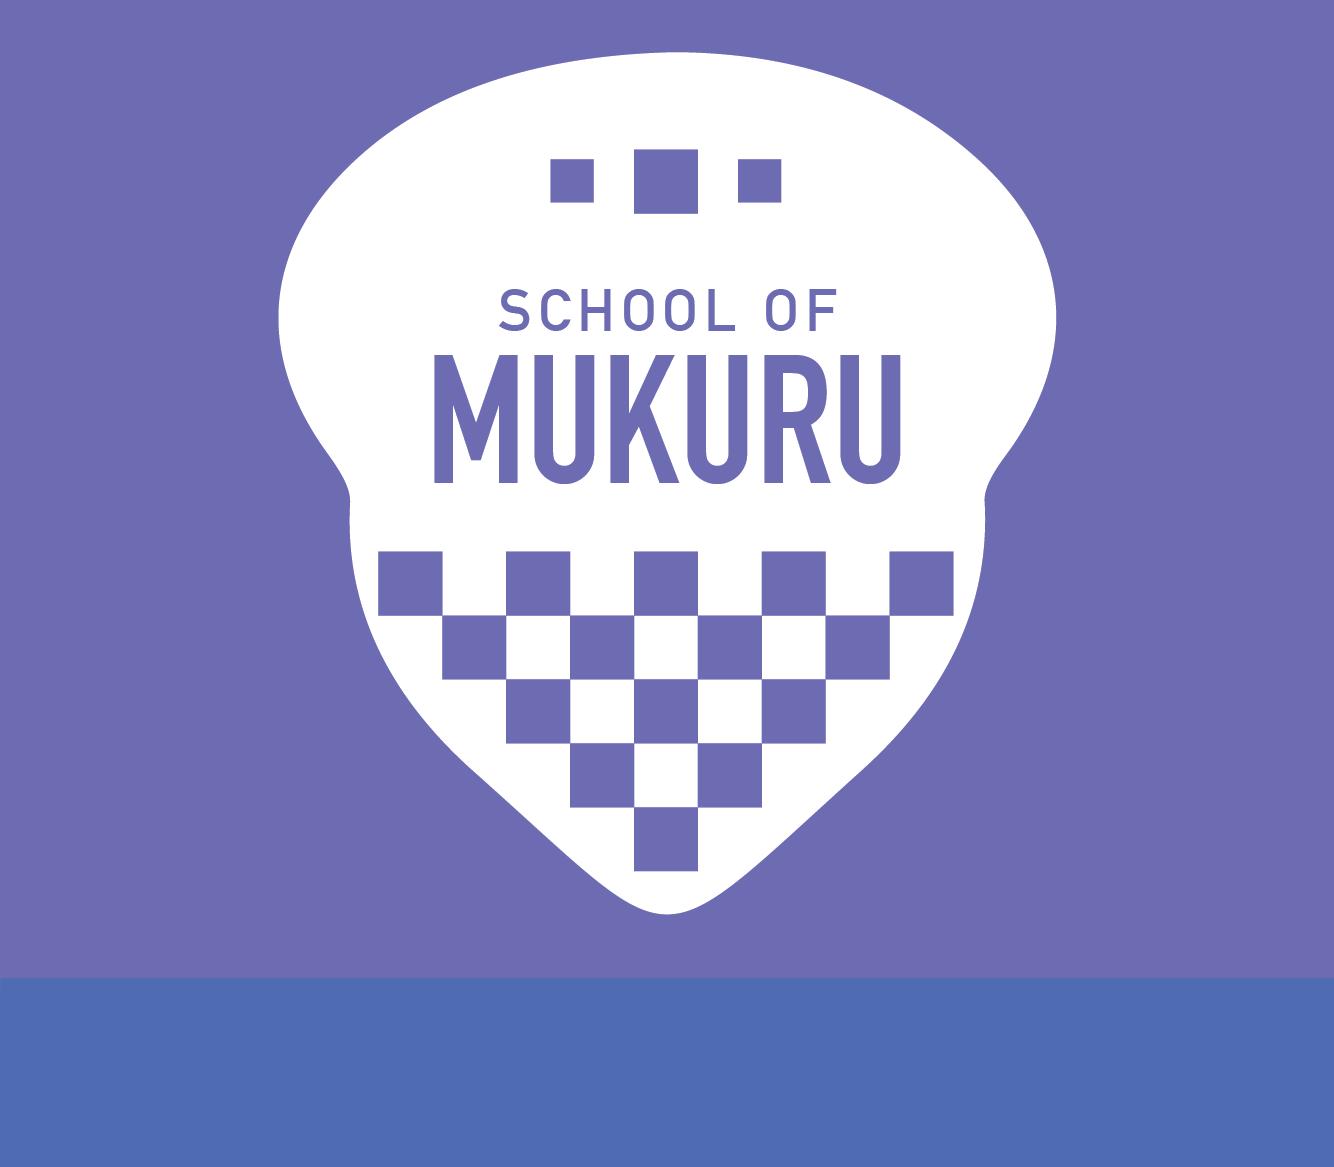 School of mukuru